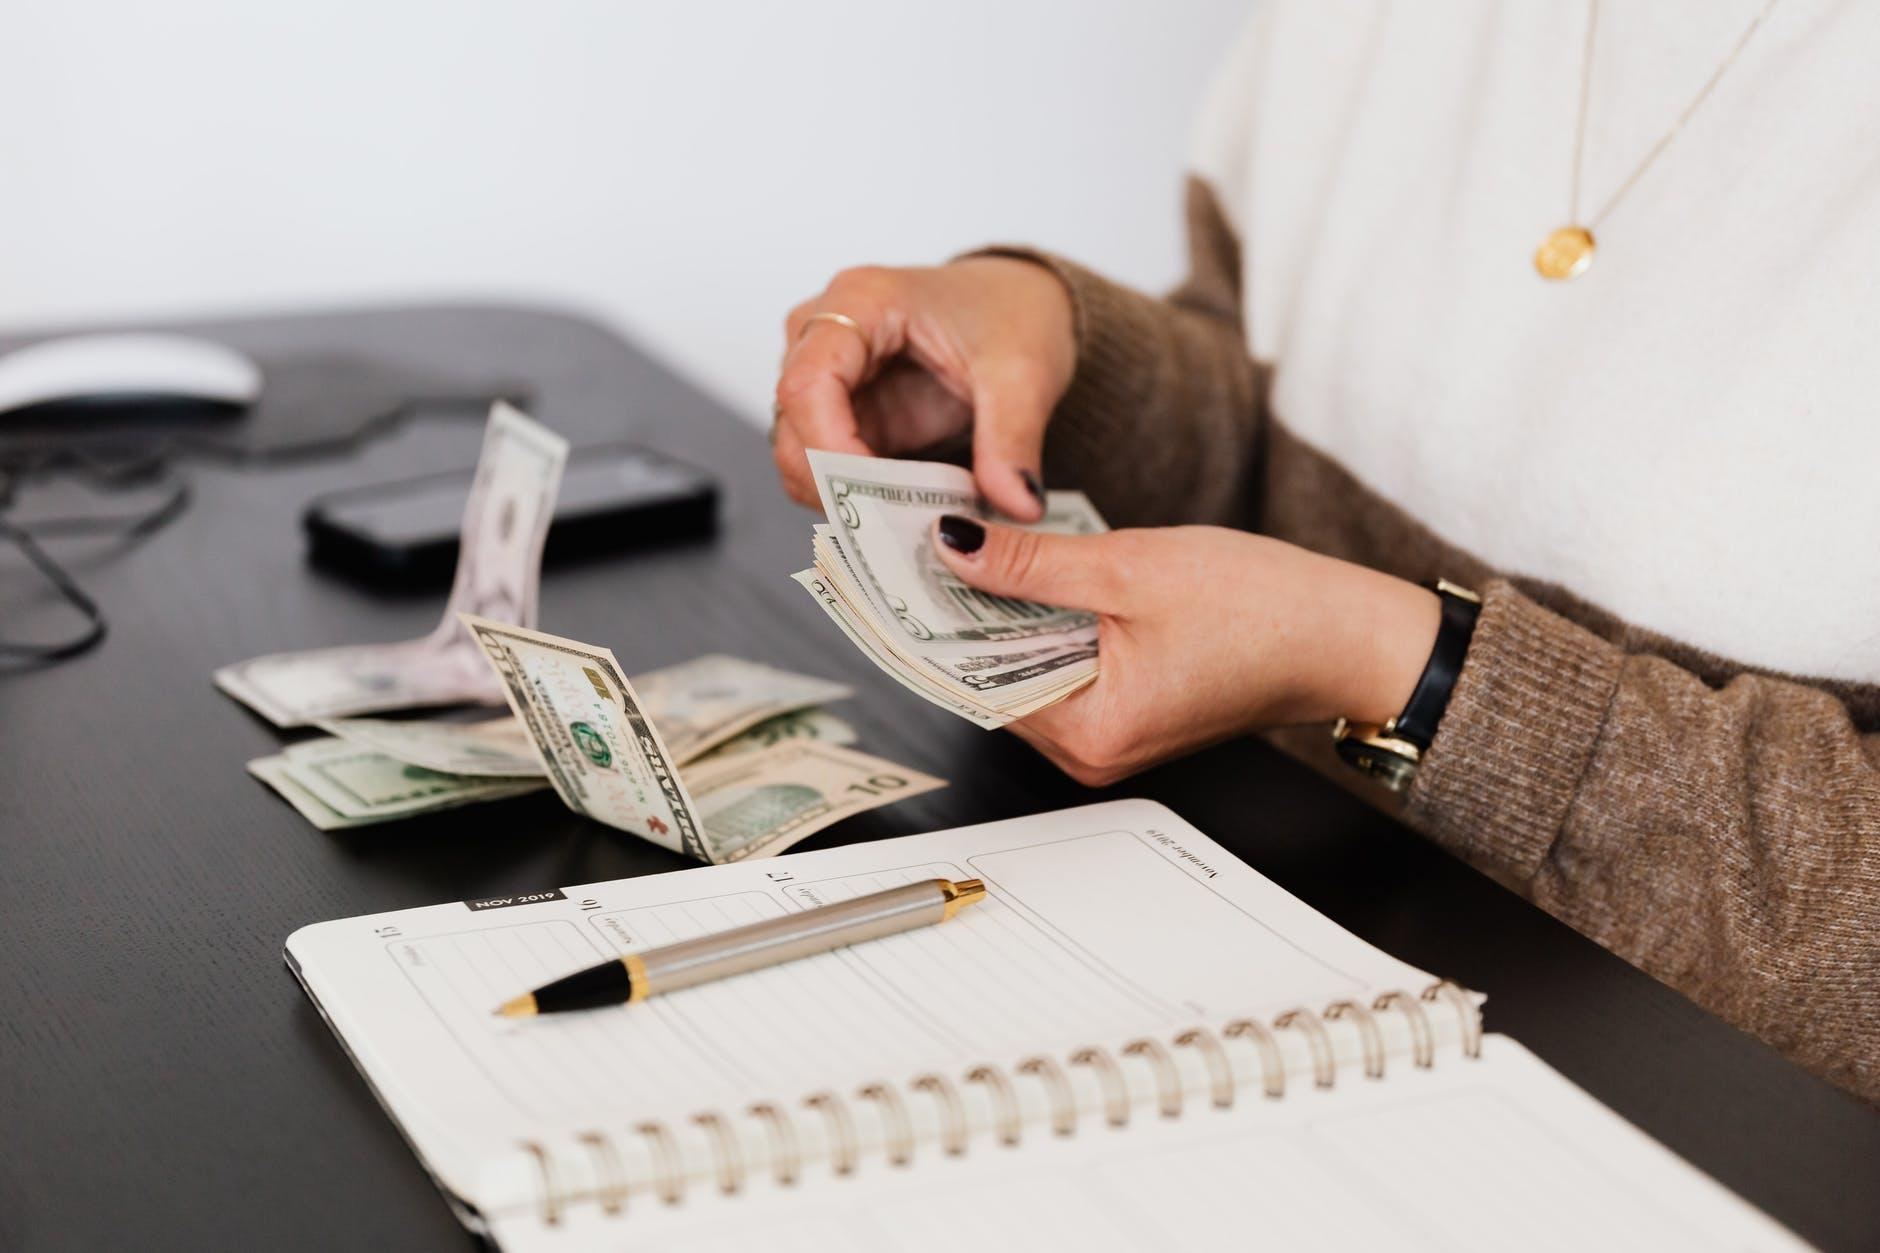 Comment faire fonctionner assurance prêt immobilier ?